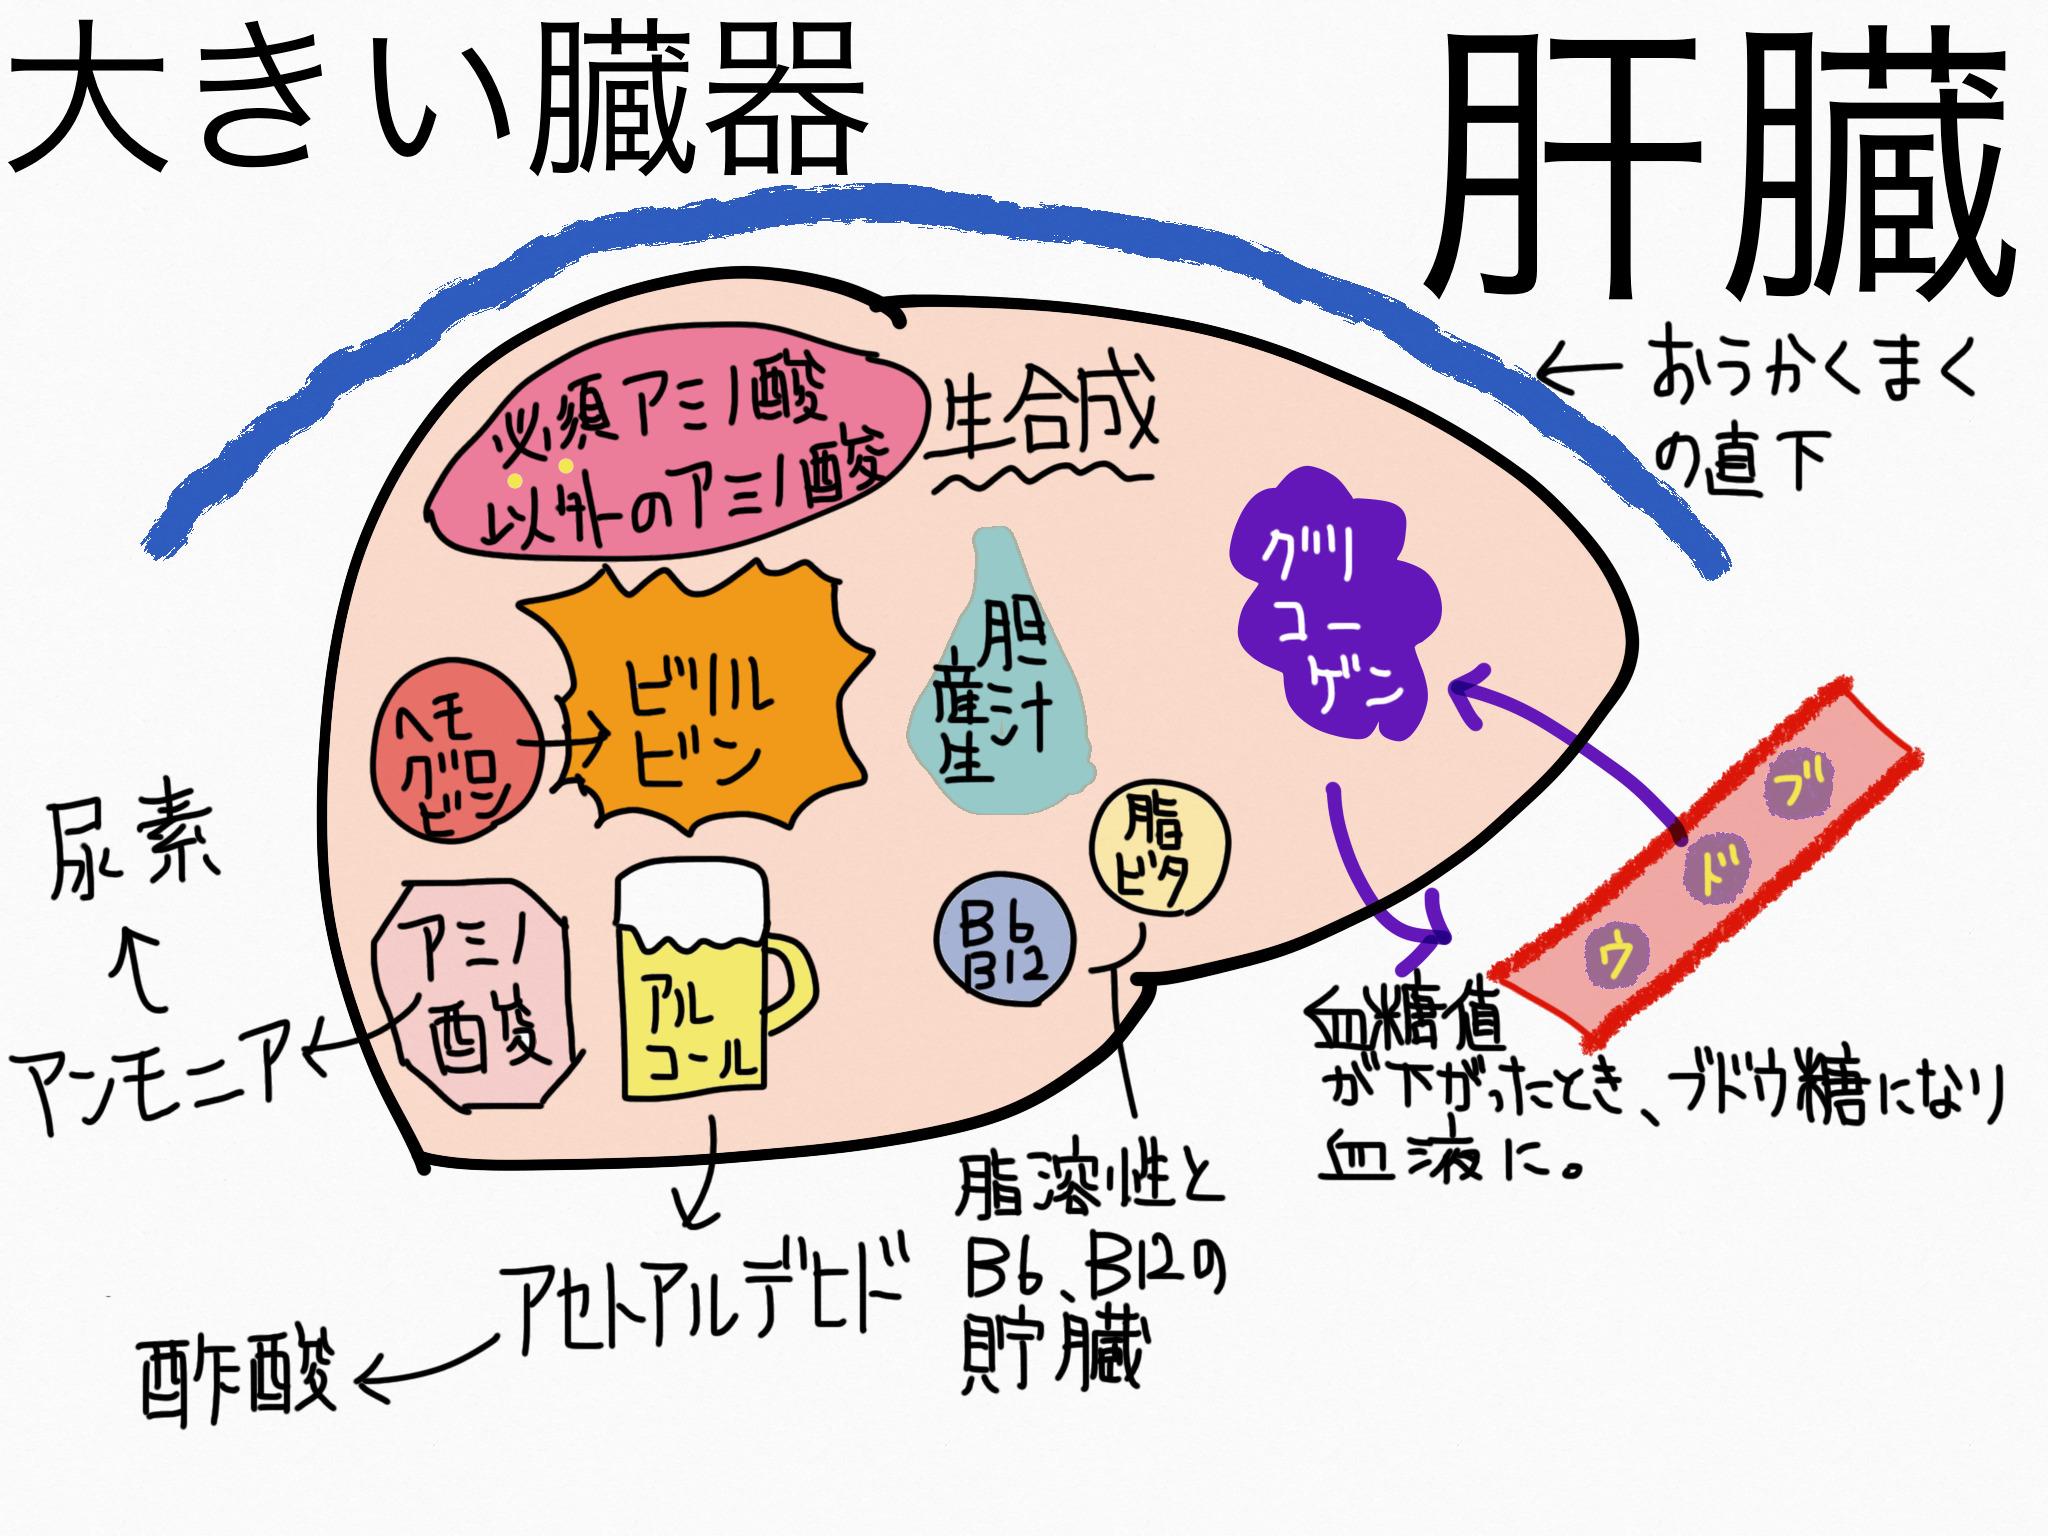 消化器系/肝臓【第2章の覚え方】